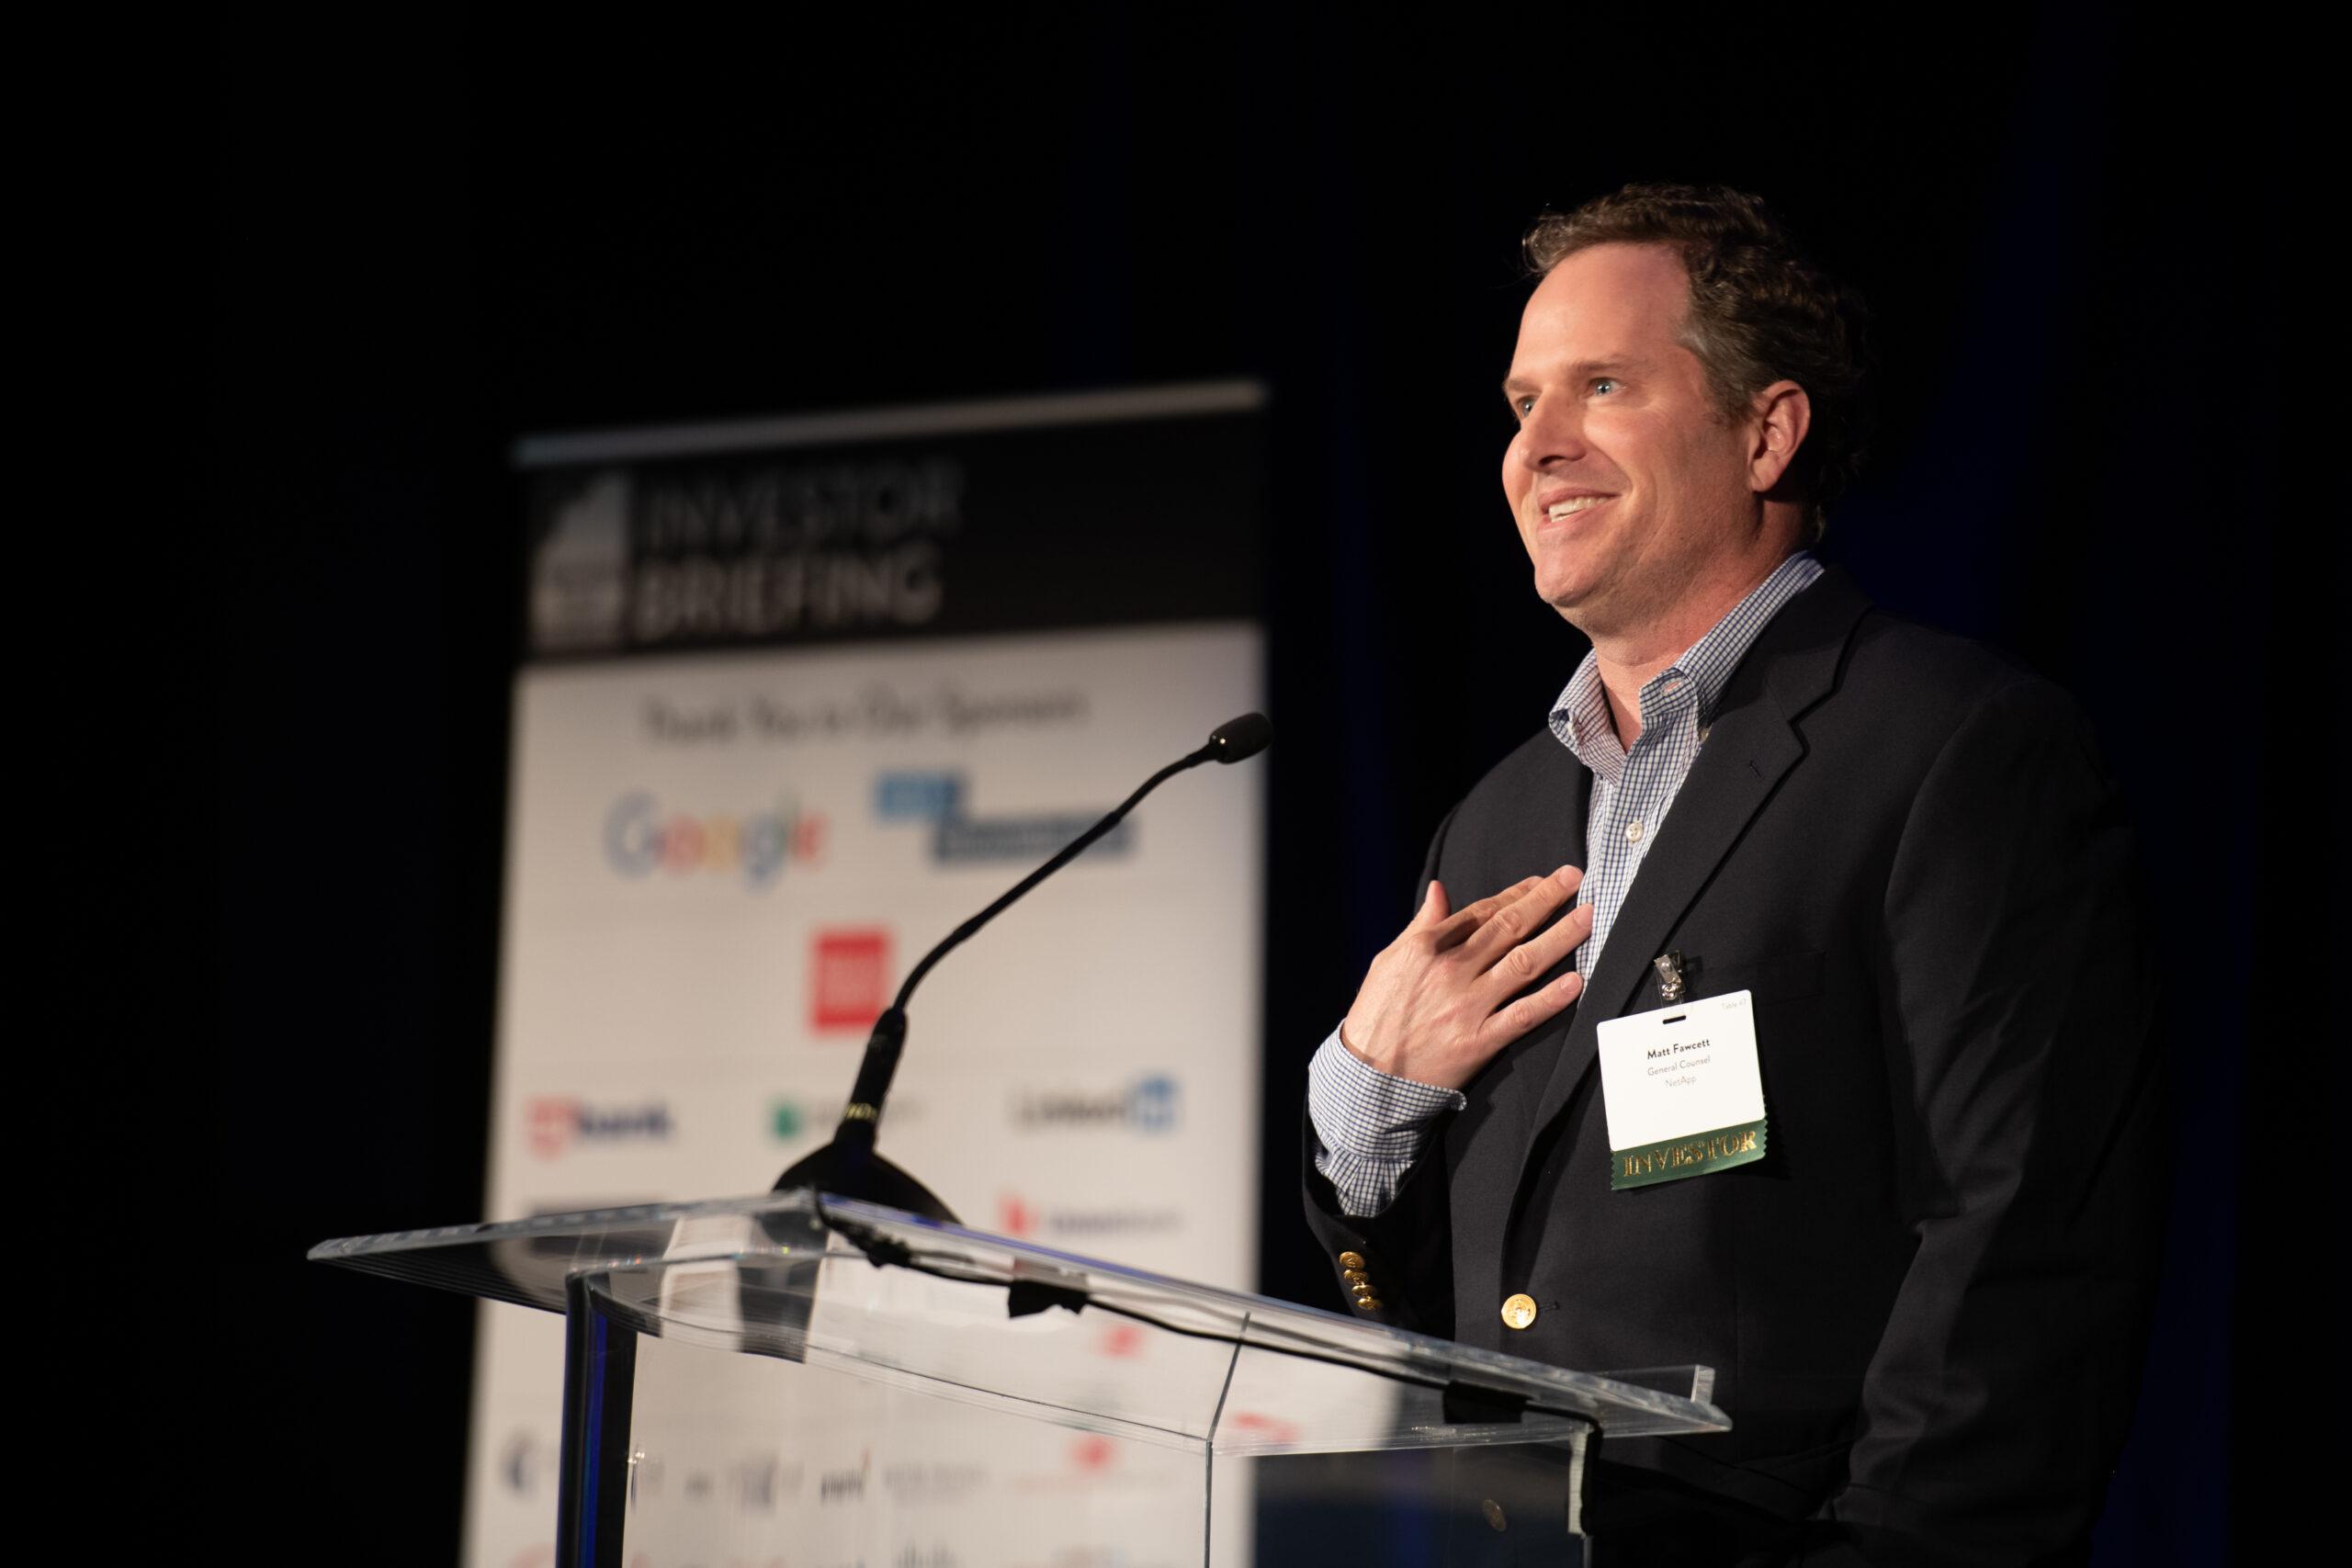 Matt Fawcett, Senior Vice President and General Counsel of NetApp